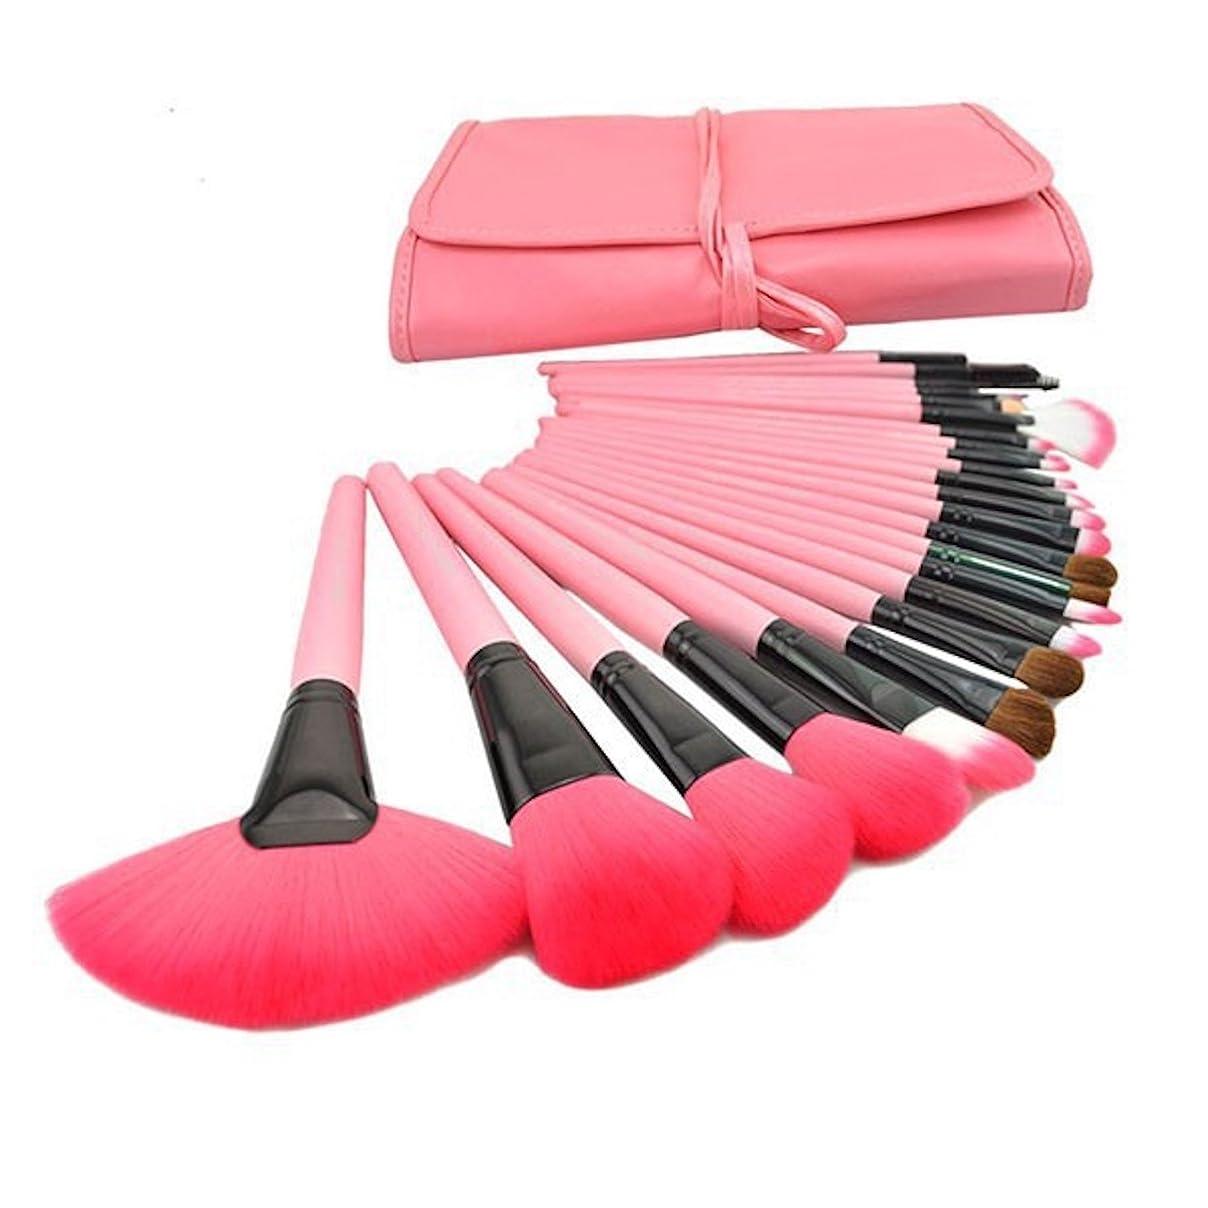 辞任する正しくZumZup メイク ブラシ 24本セット 化粧ブラシ 化粧筆 メイクブラシセット セット コスメ ブラシ 超柔らかい 収納ケース付き (24本, ピンク)